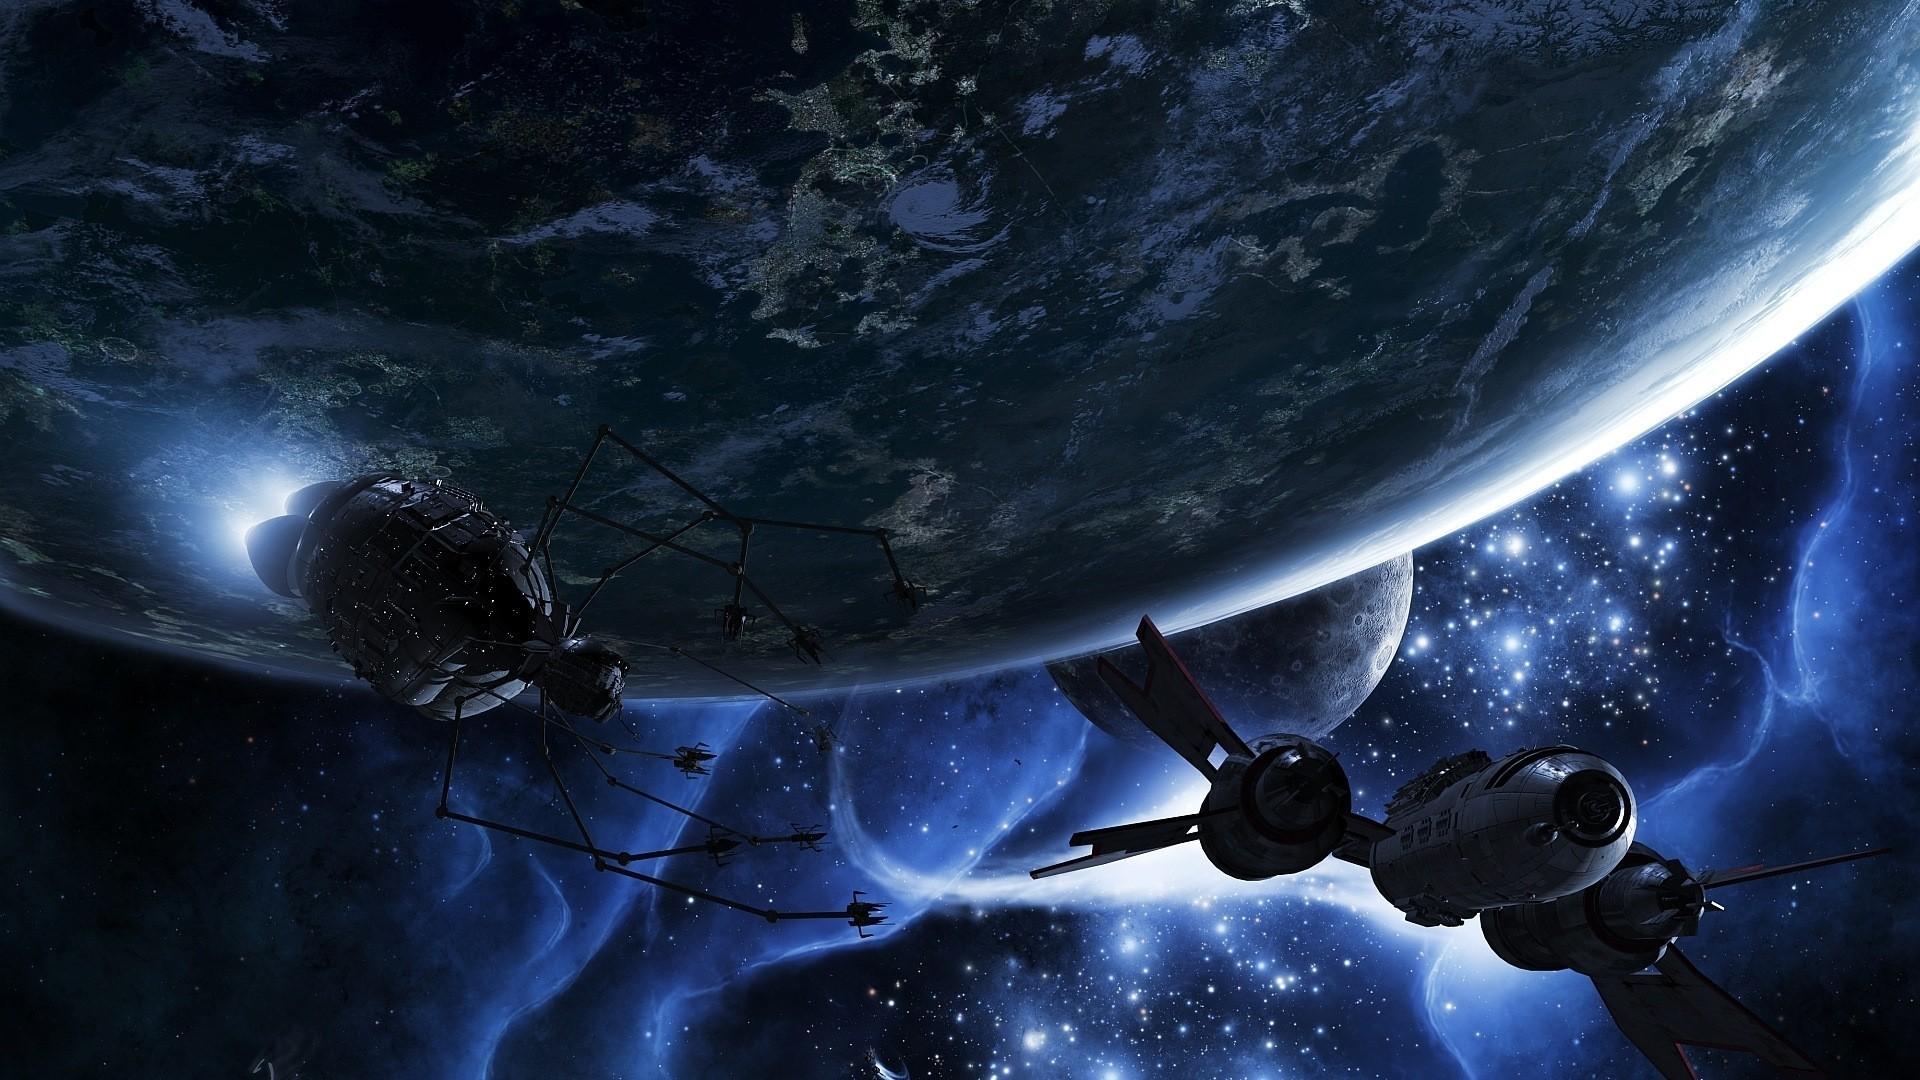 Обои Планета и спутник картинки на рабочий стол на тему Космос - скачать  № 43075 загрузить